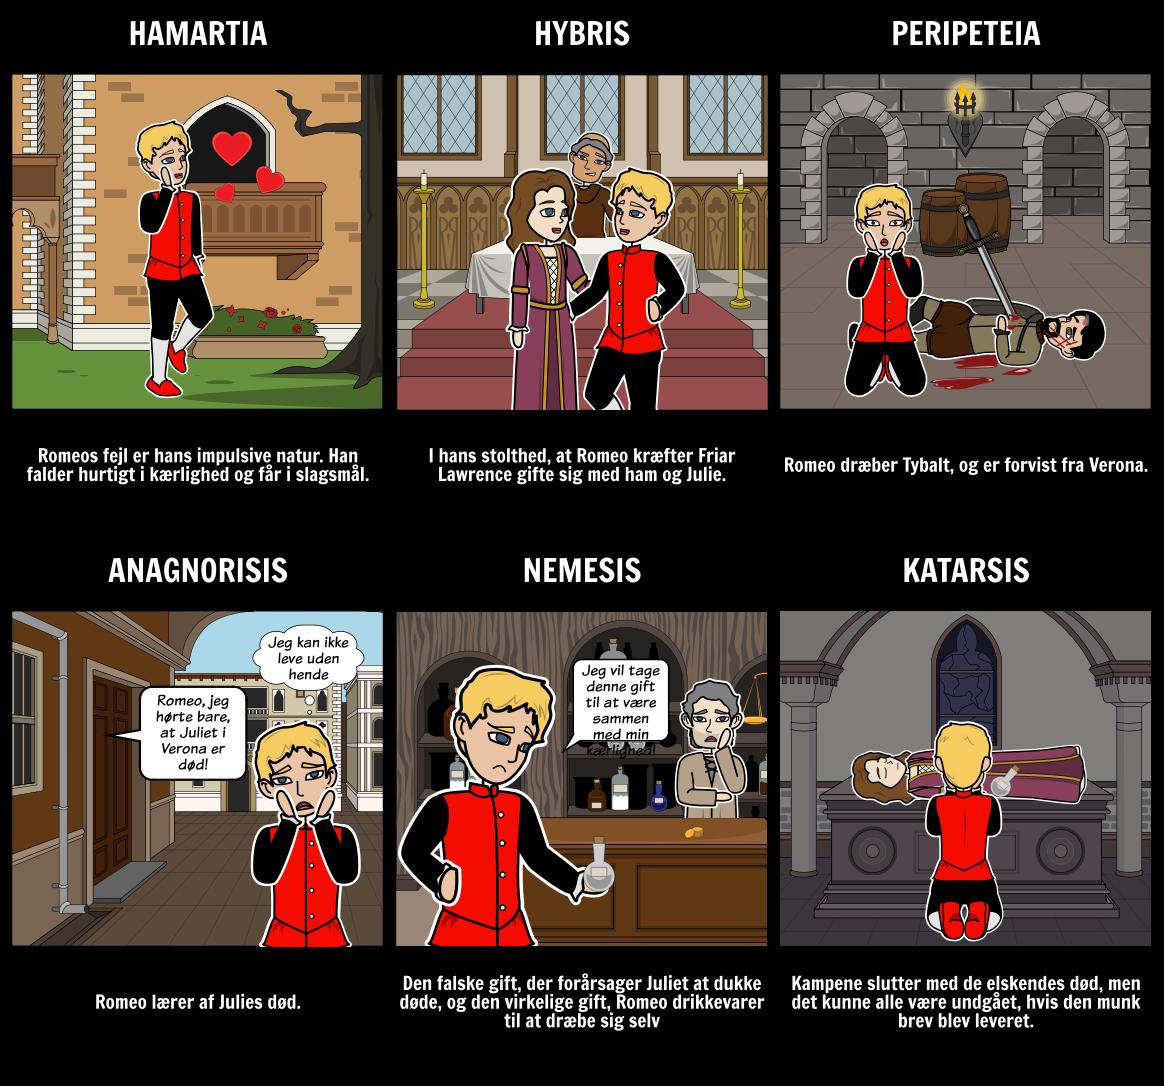 romeo og julie citater Romeo og Julie Tragic Hero Storyboard af da examples romeo og julie citater